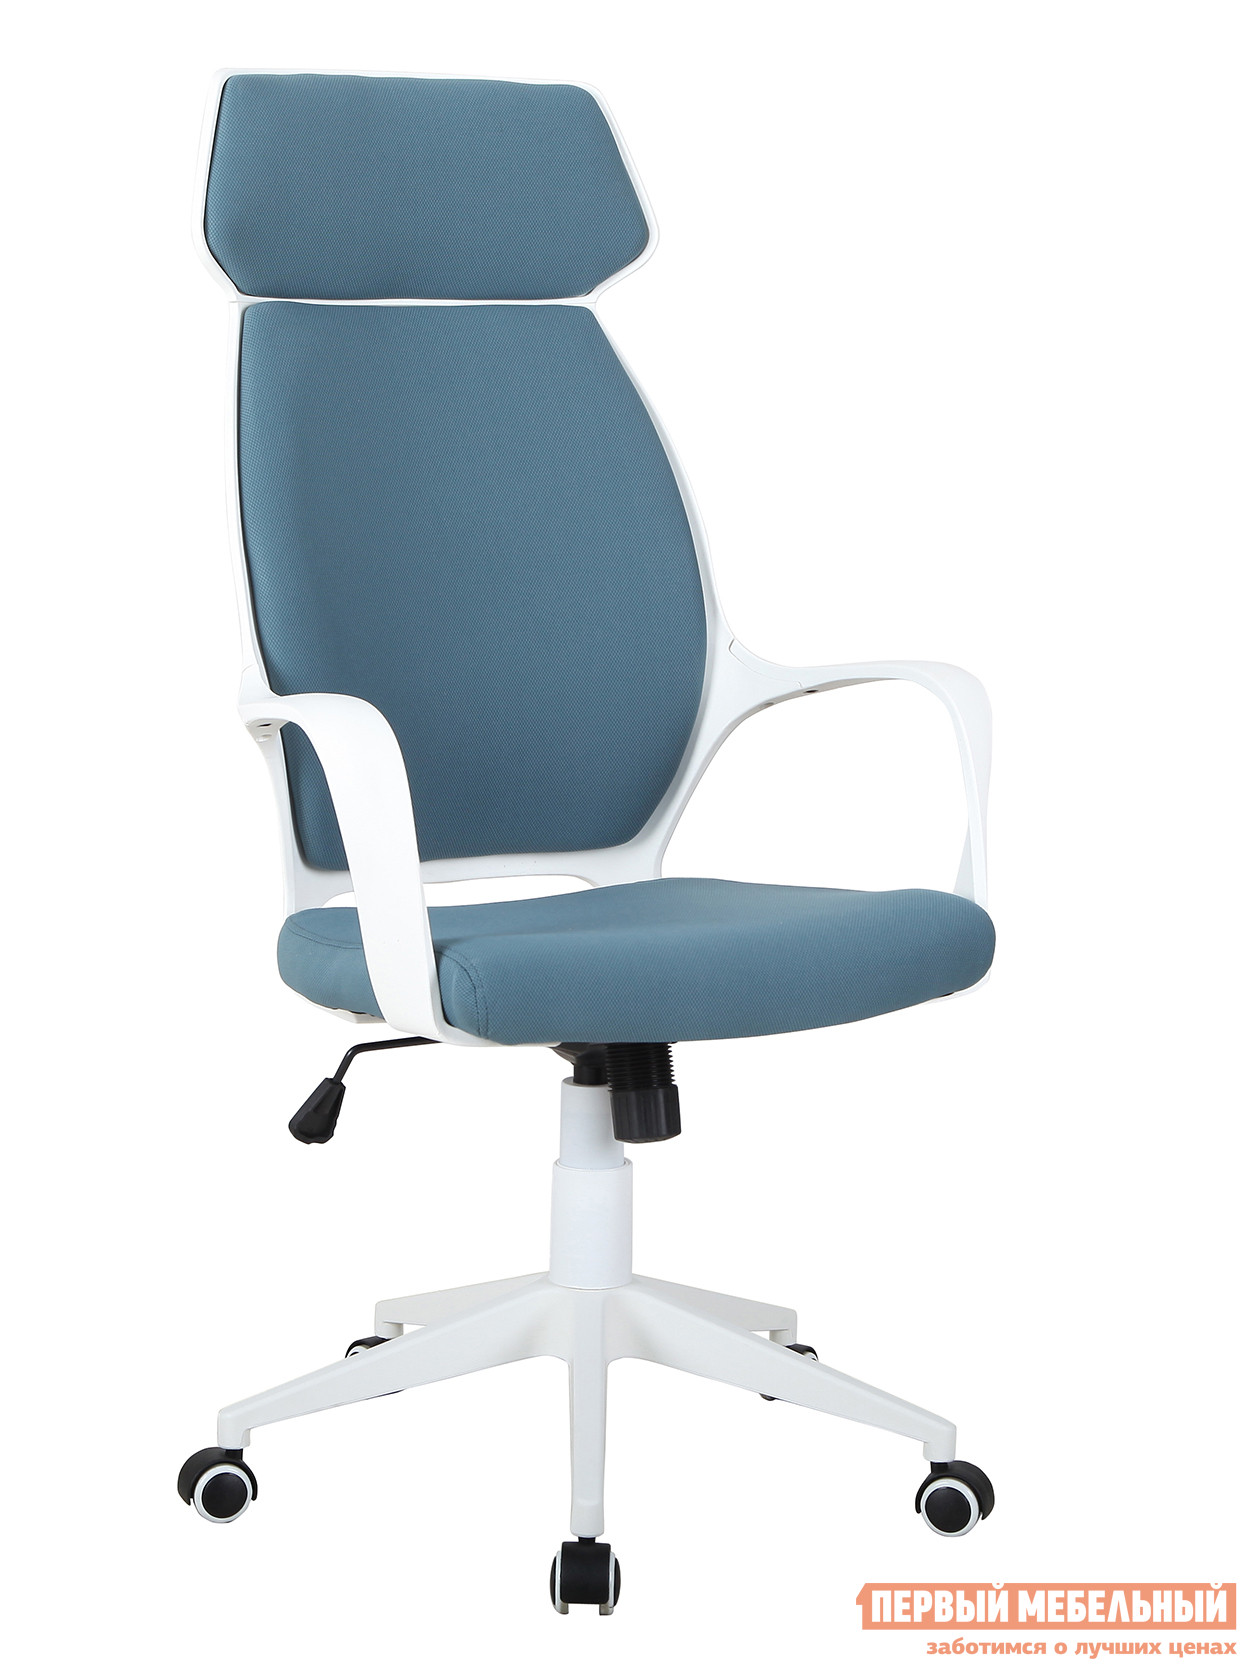 Офисное кресло Tetchair Grace офисное